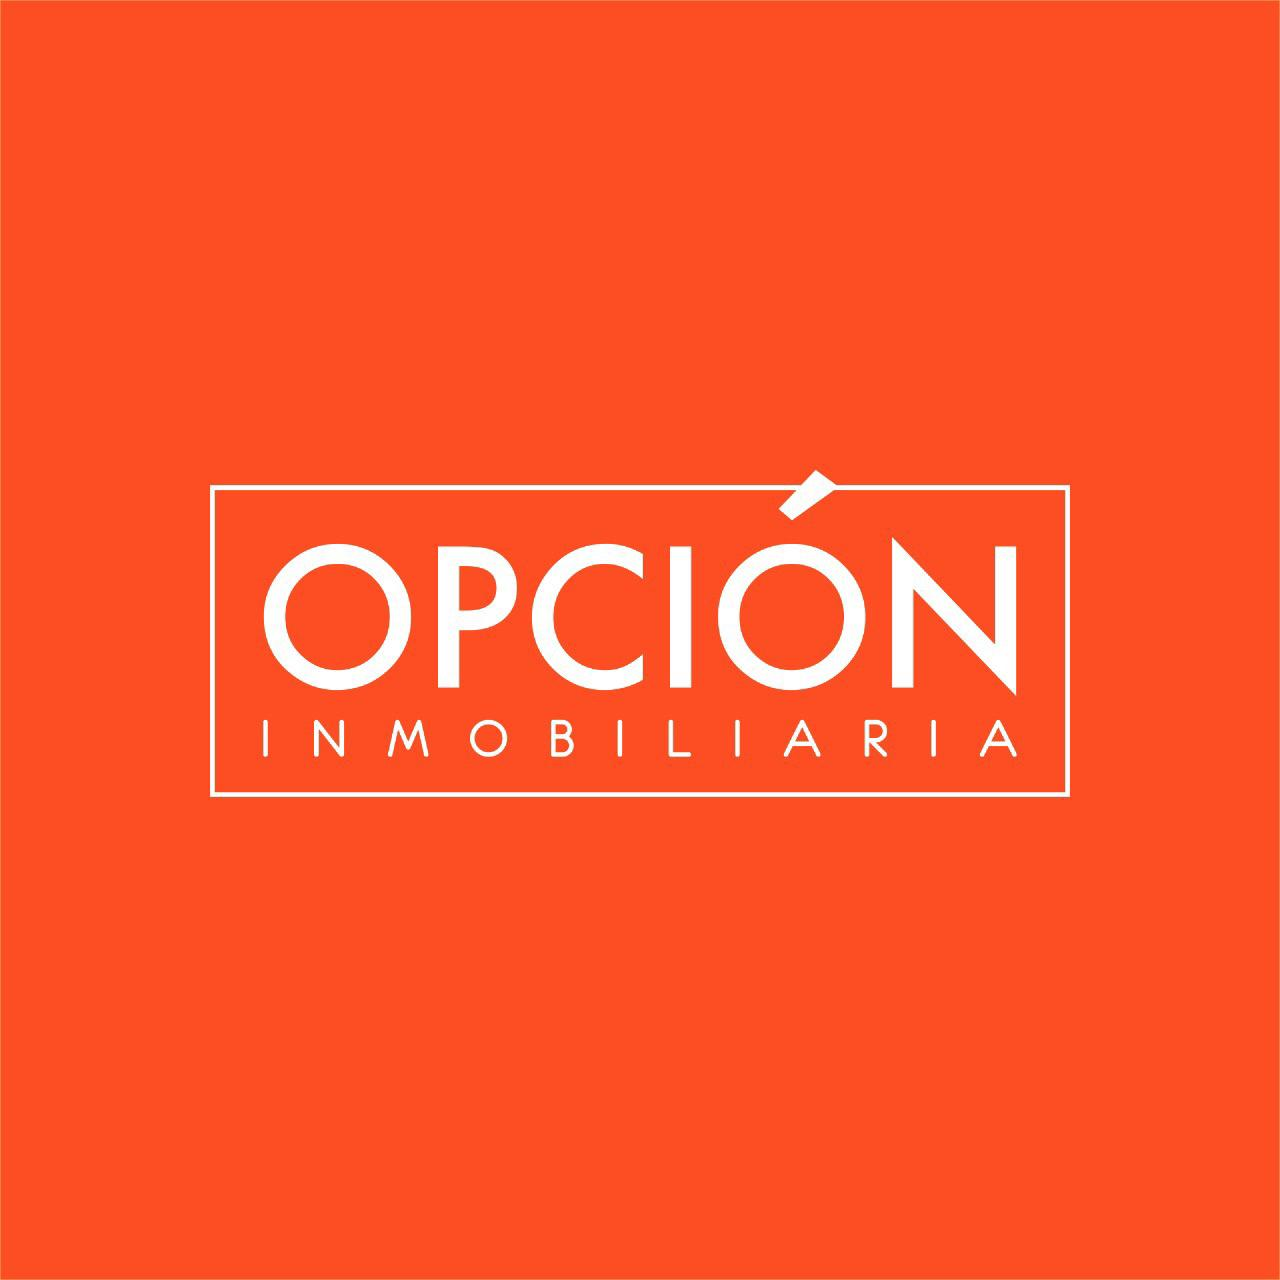 OPCION_INMOBILIARIA